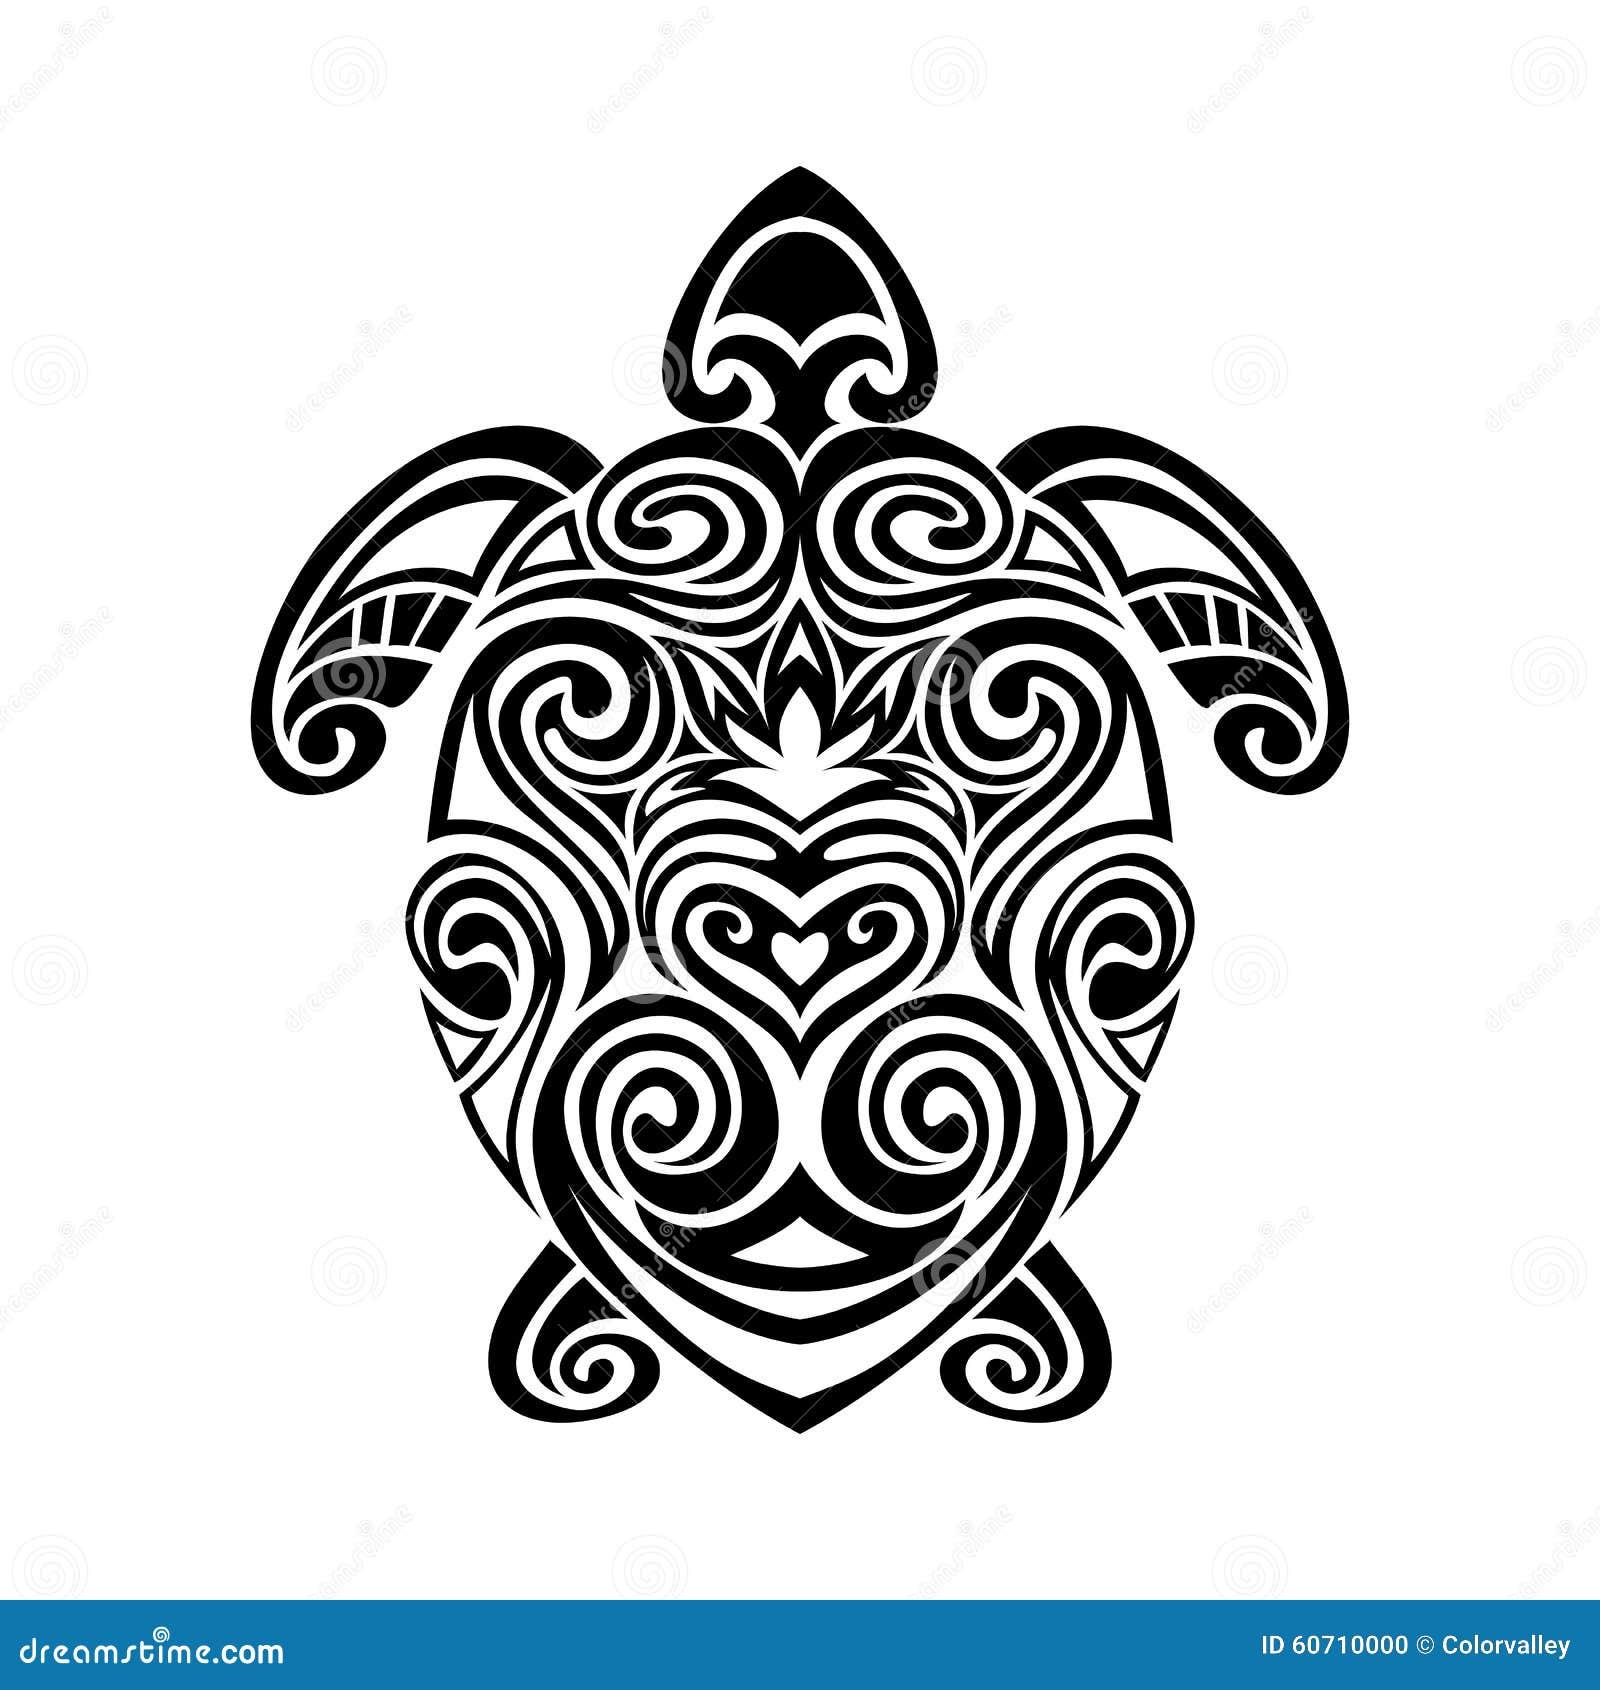 Tortue Dans Le Style Maori De Tatouage Vecteur Illustration De